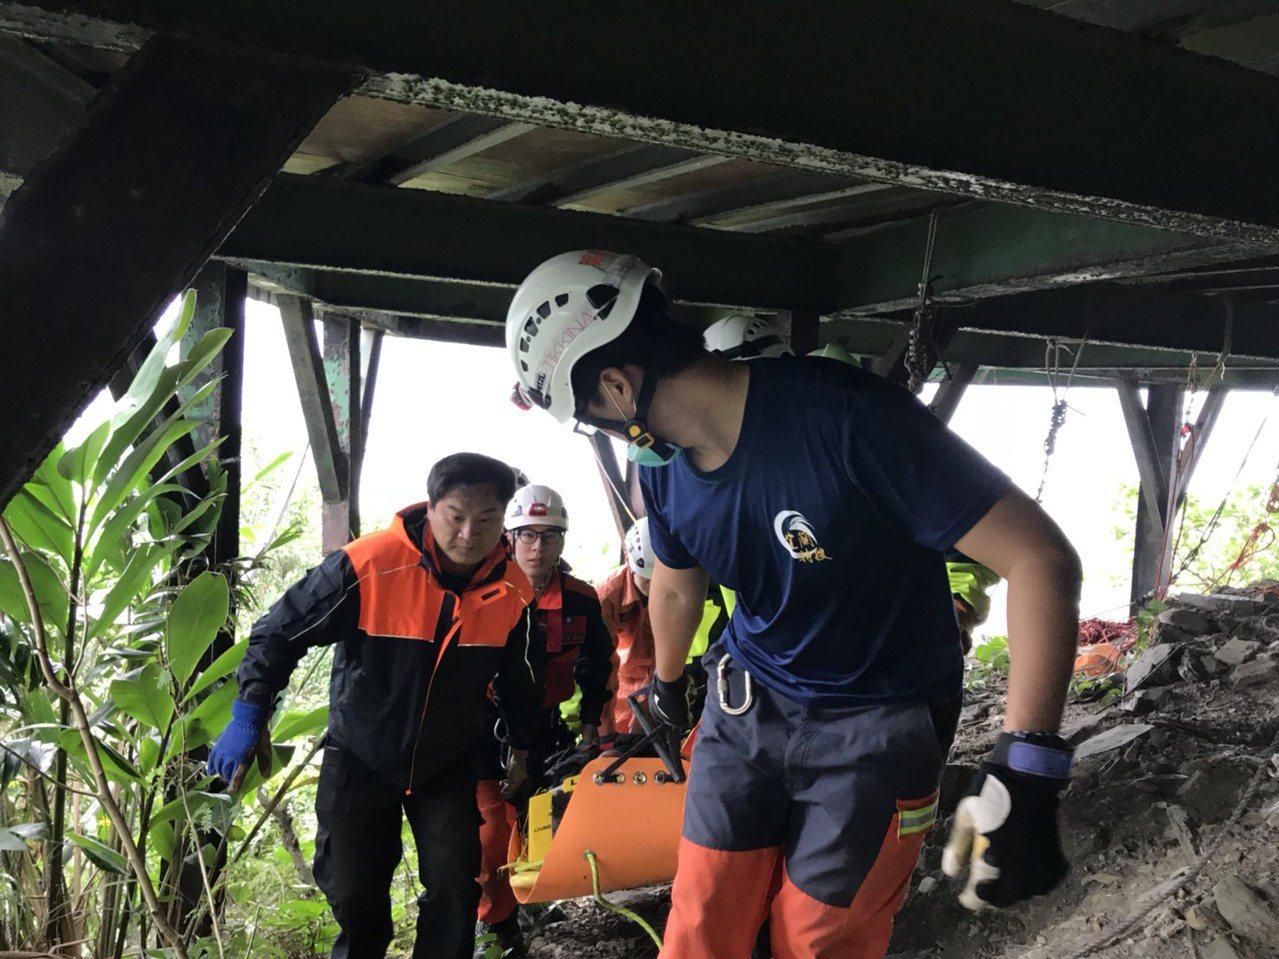 宜蘭縣消防局派遣搜救人員用繩索下降與傷者接觸,發現張男墜落深度達15米,相當於5...